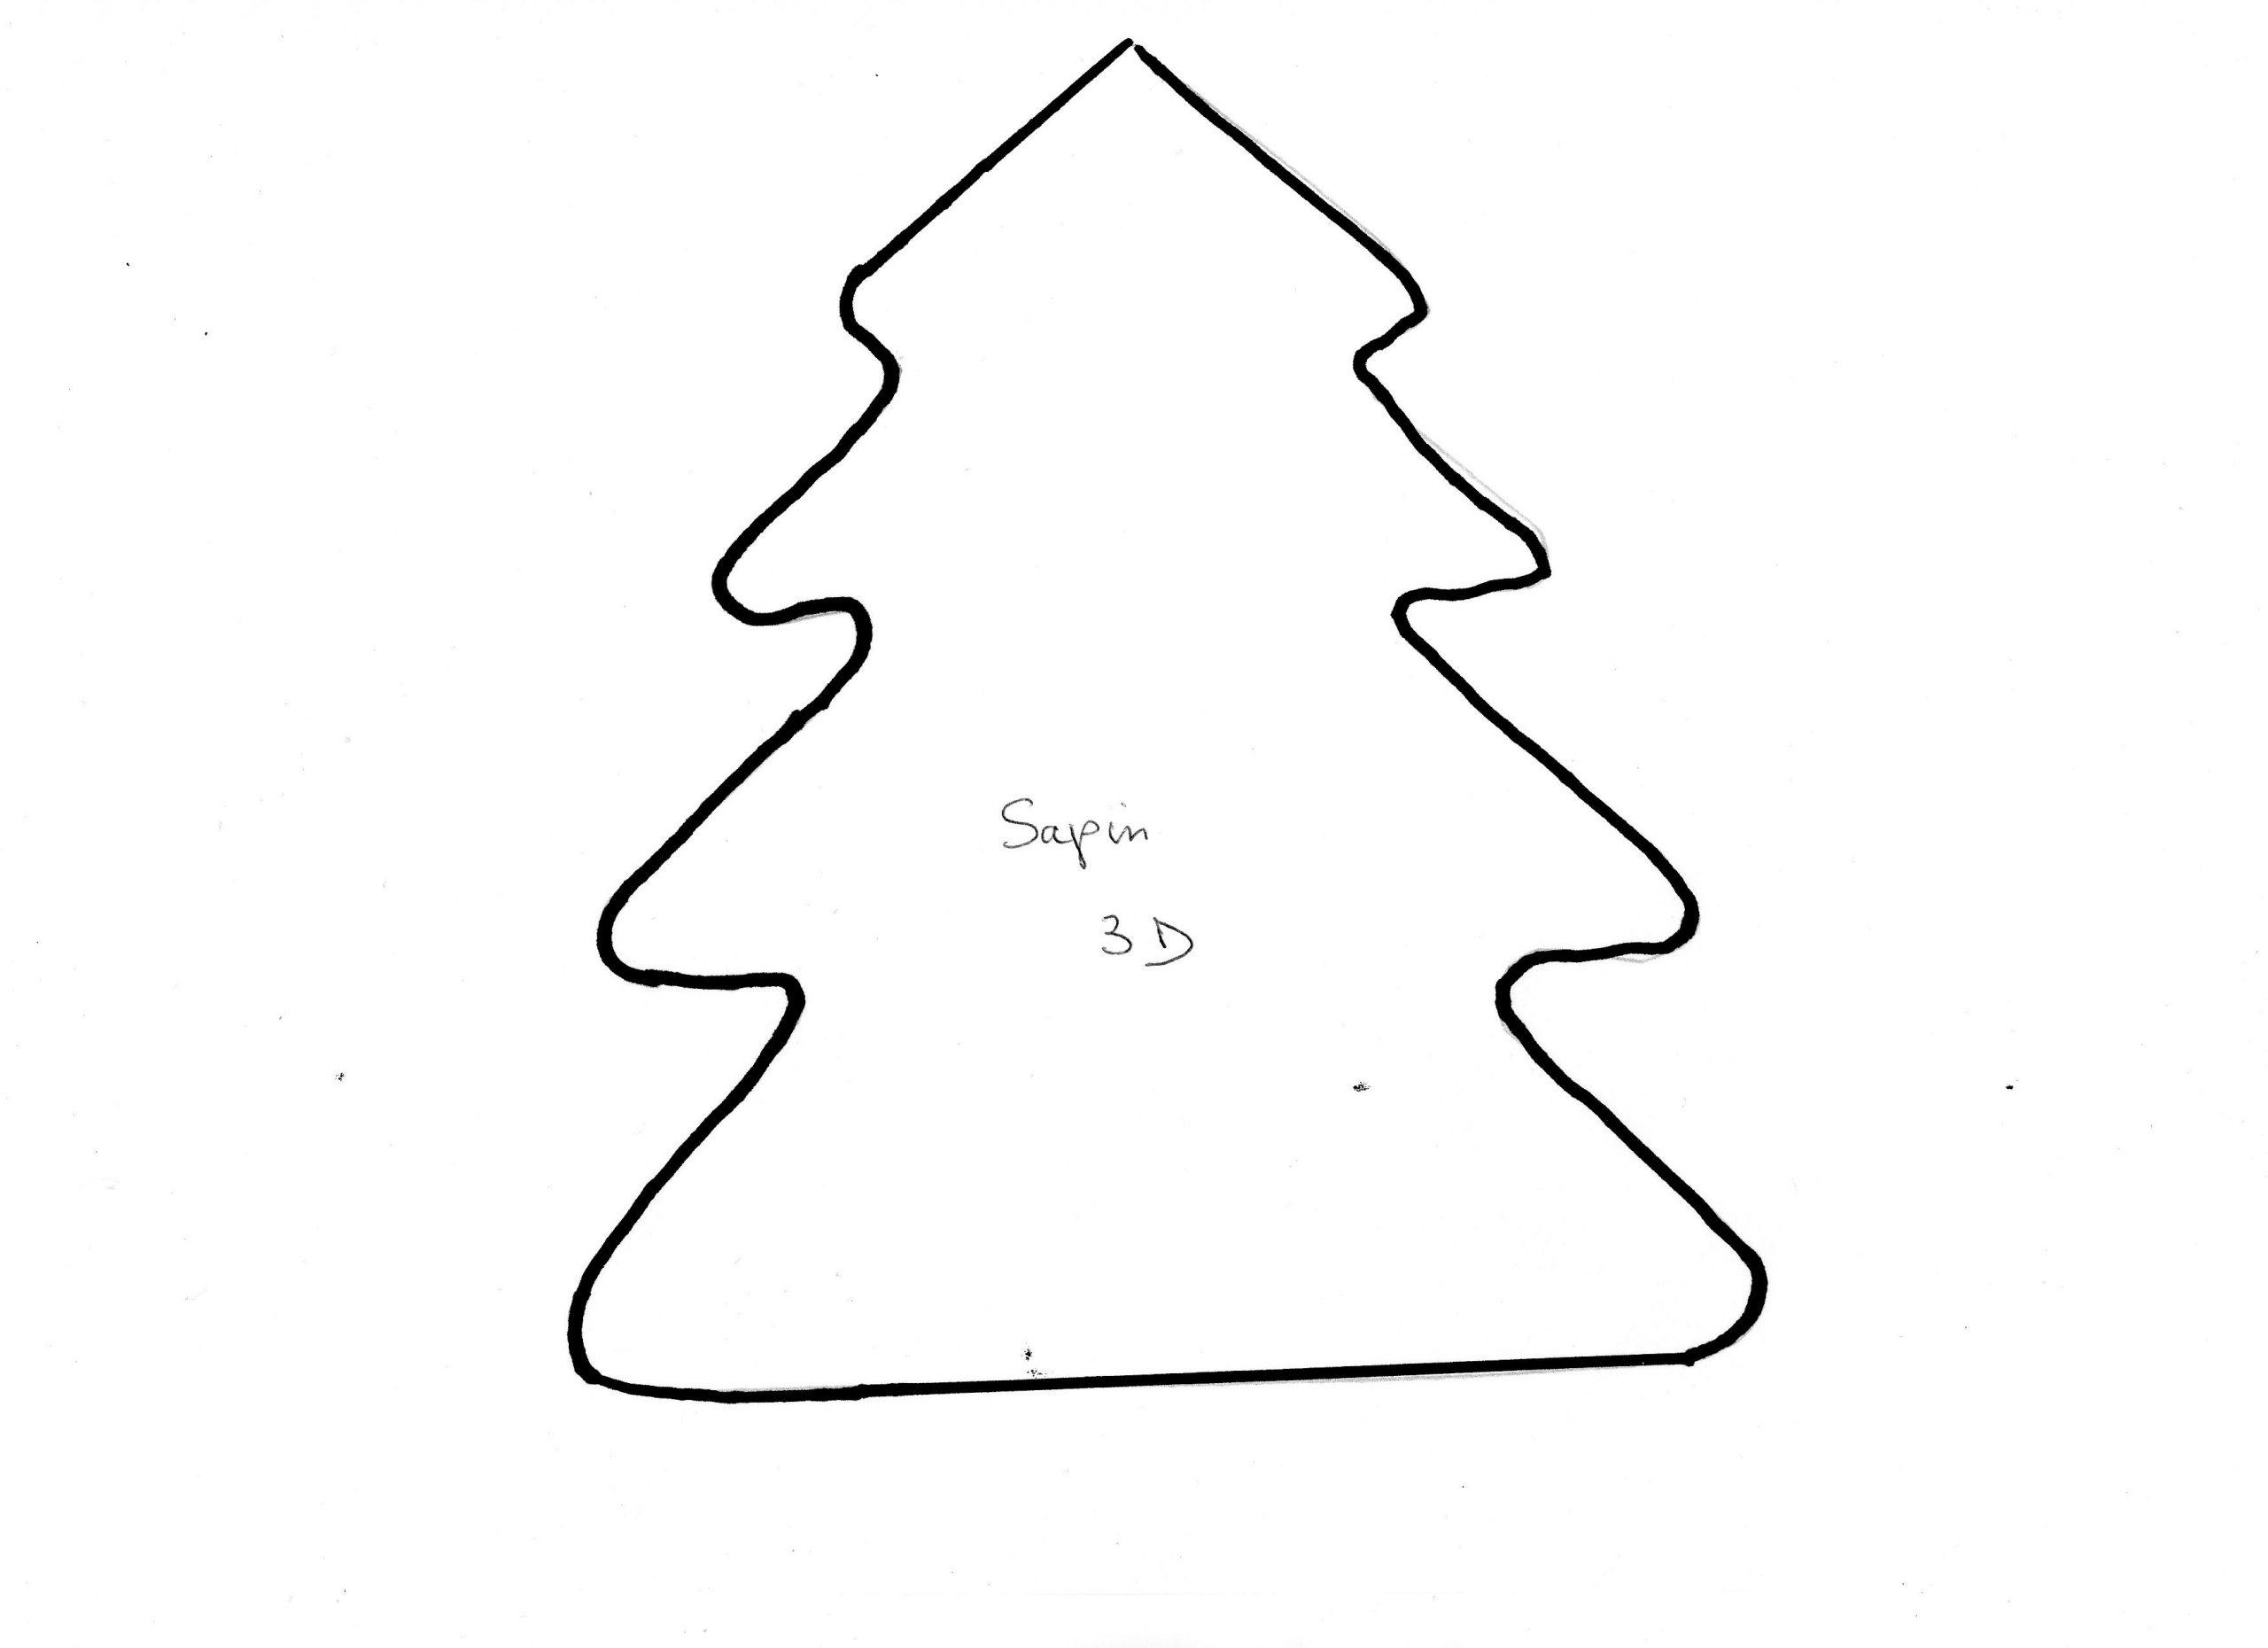 Fiche De Bricolage N°45 destiné Gabarit Sapin De Noel